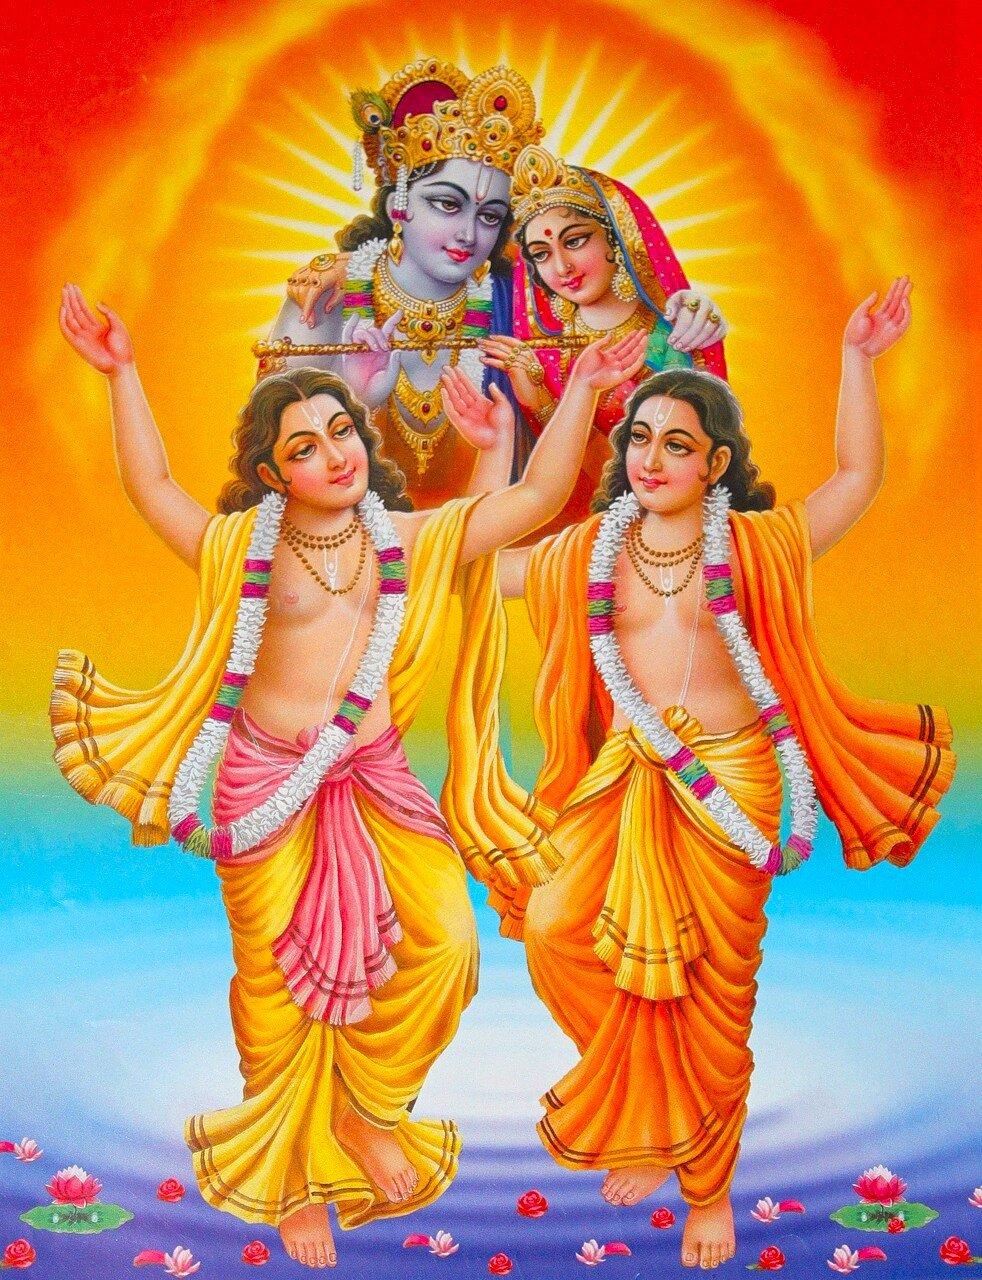 Шри Кришна, Шри Радха, Шри Нитьянанда, Шри Кришна-Чайтанья (Шри Шри Гаура-Нитай)